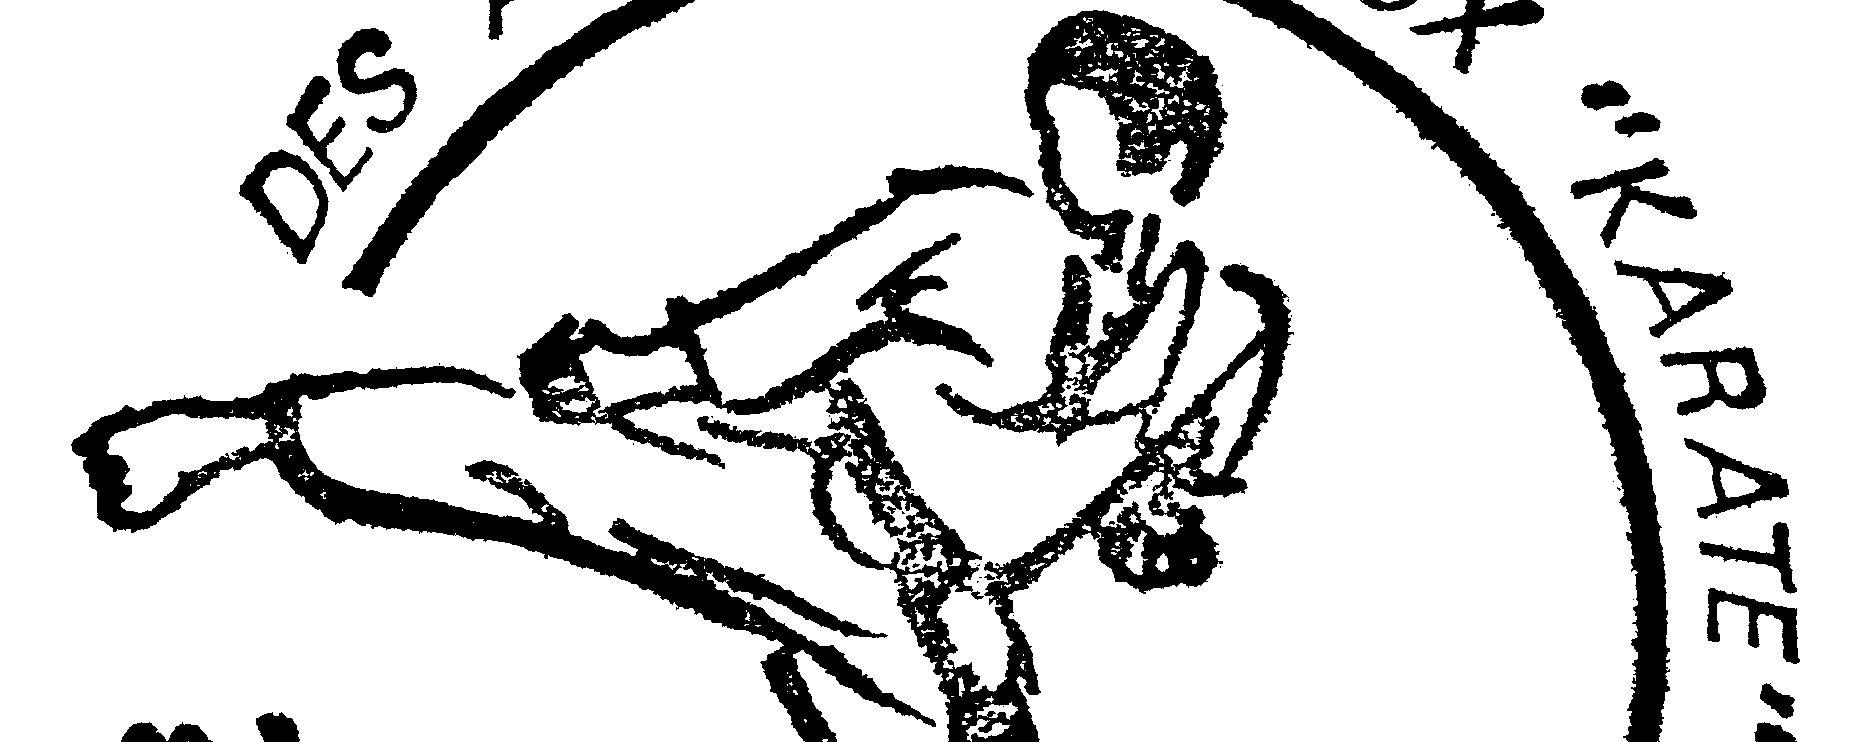 Logo du Club de Karaté (Copyright - Club de Karaté de Dompierre sur Mer)